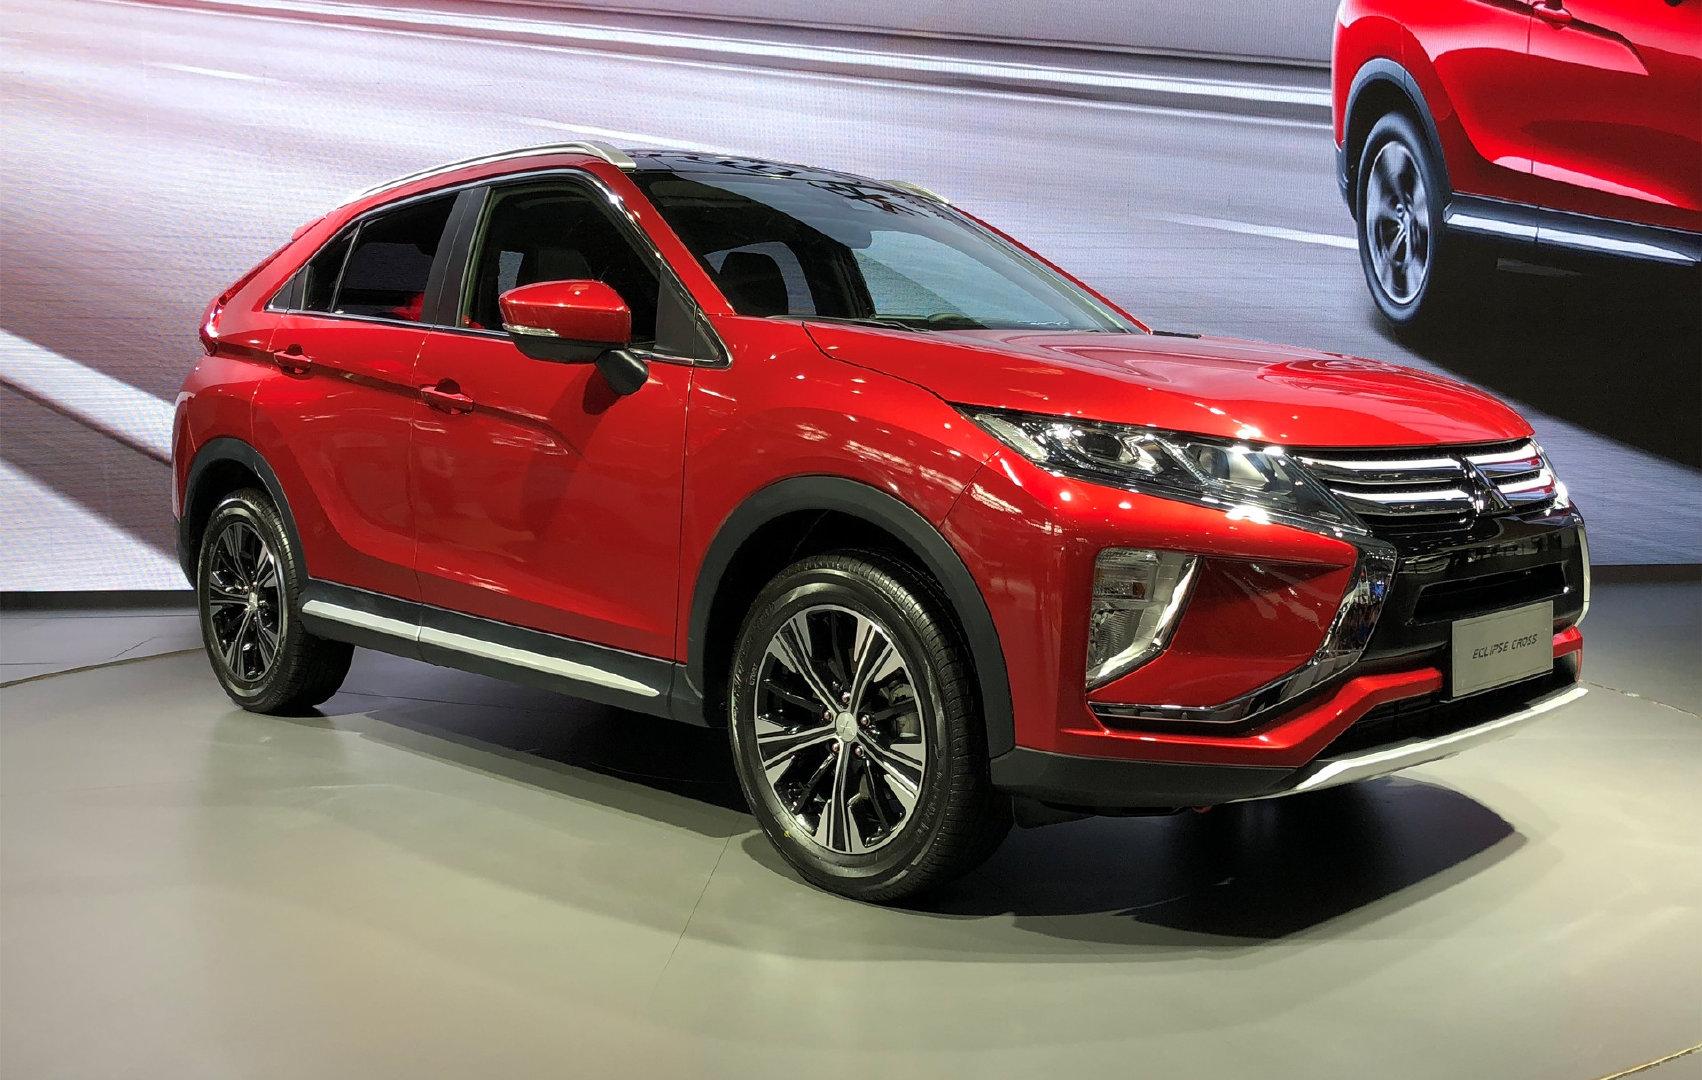 日系紧凑型SUV,比逍客大,12万起售,月销仅2千辆